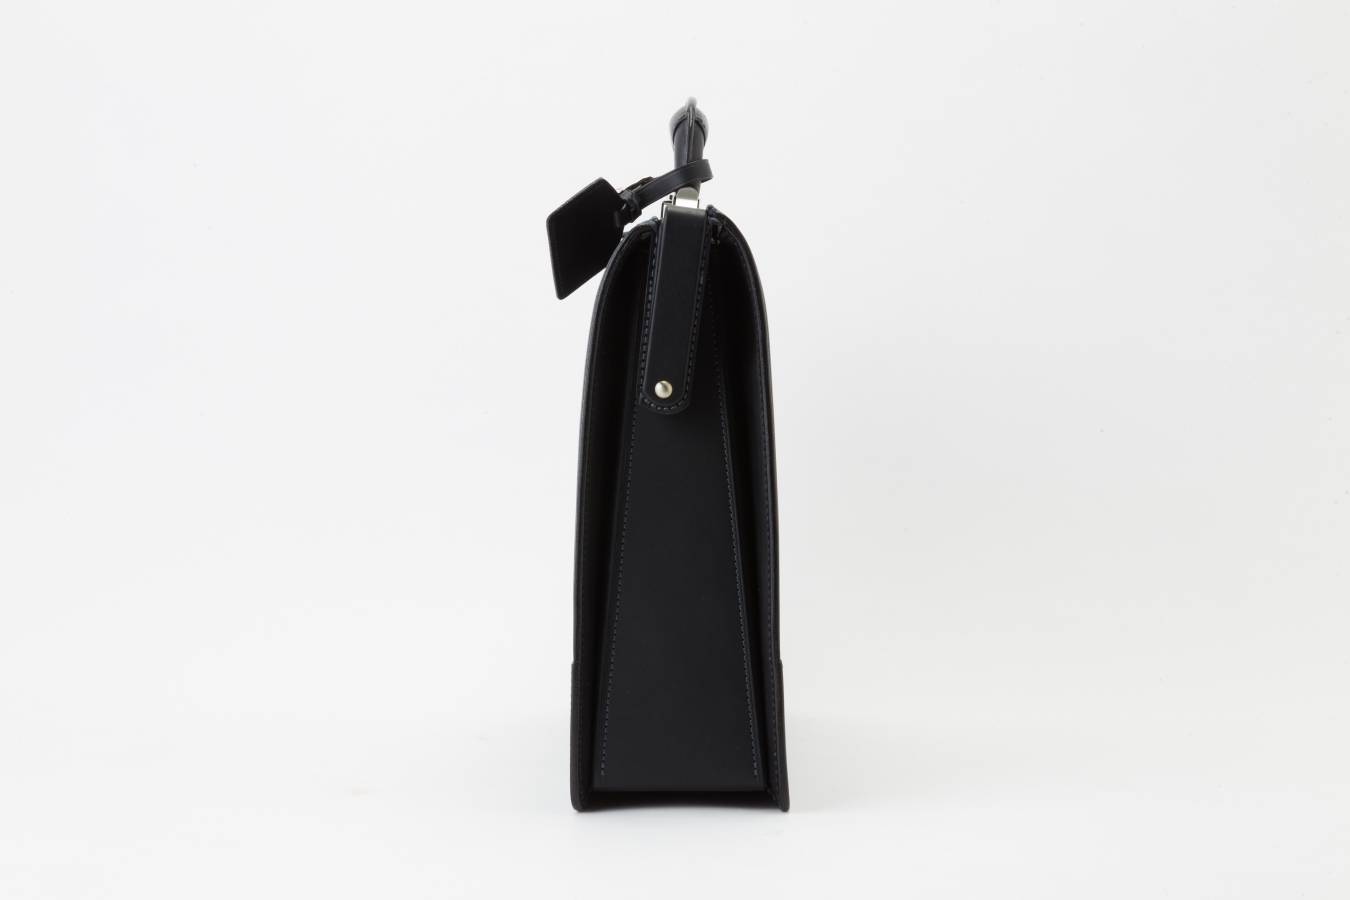 レザー バッグ 銀座タニザワ ロー引き 口枠錠 ダレス バッグ 大